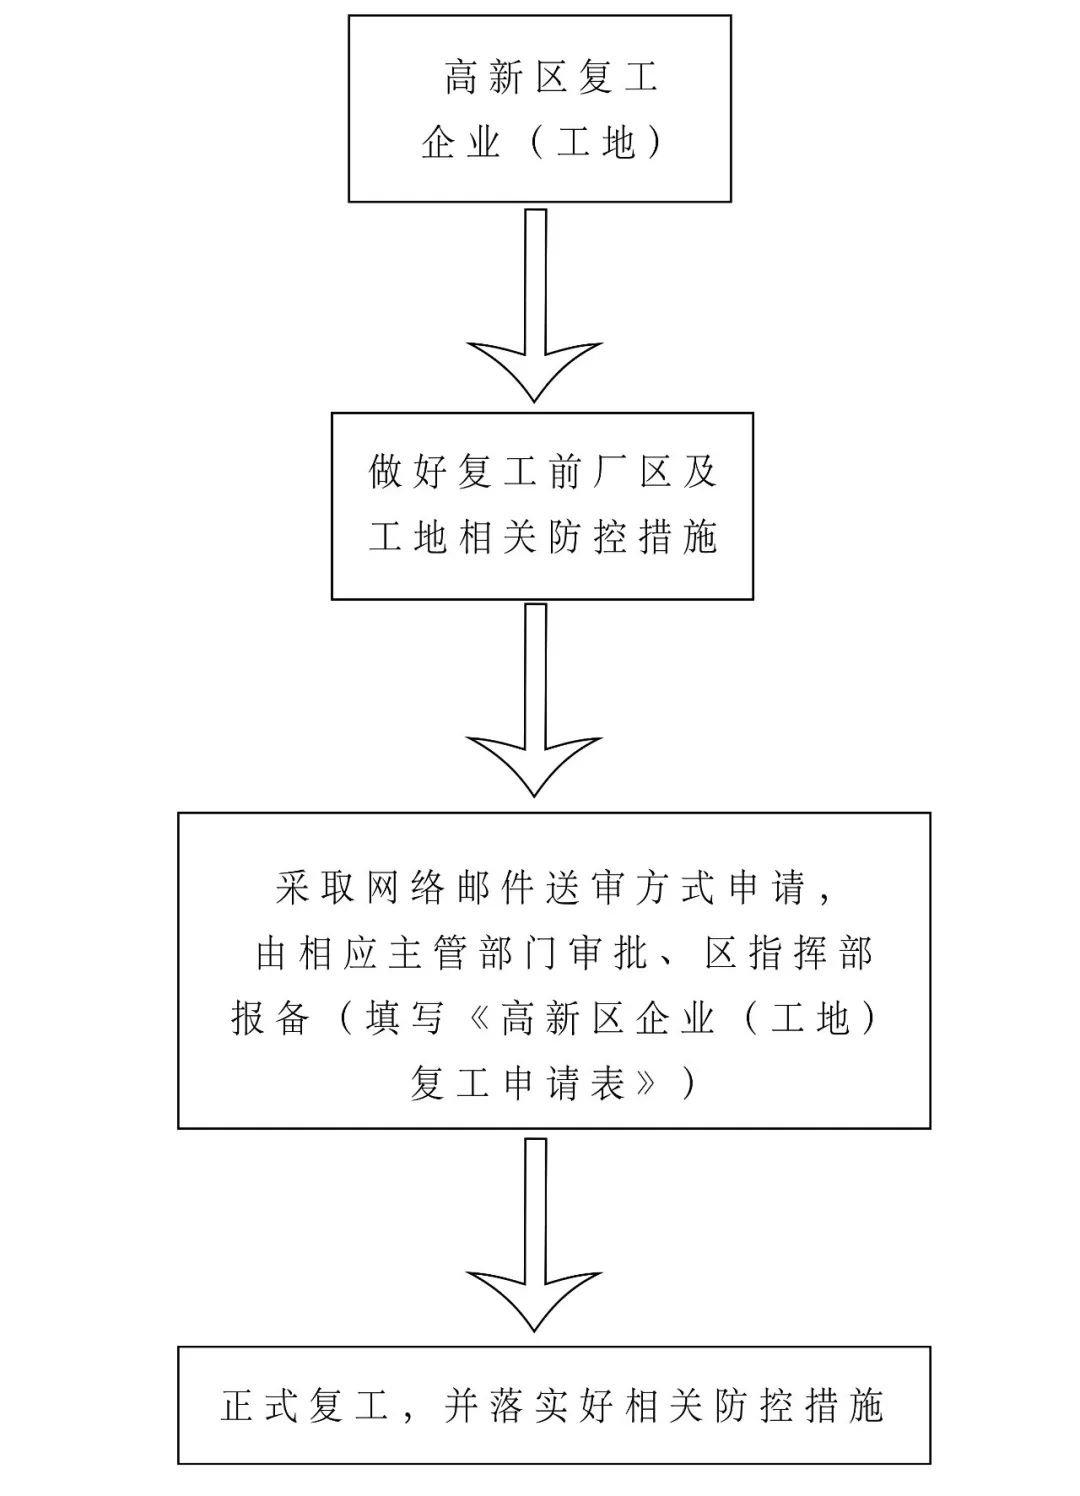 福州高新区企业(工地)复工申请指南